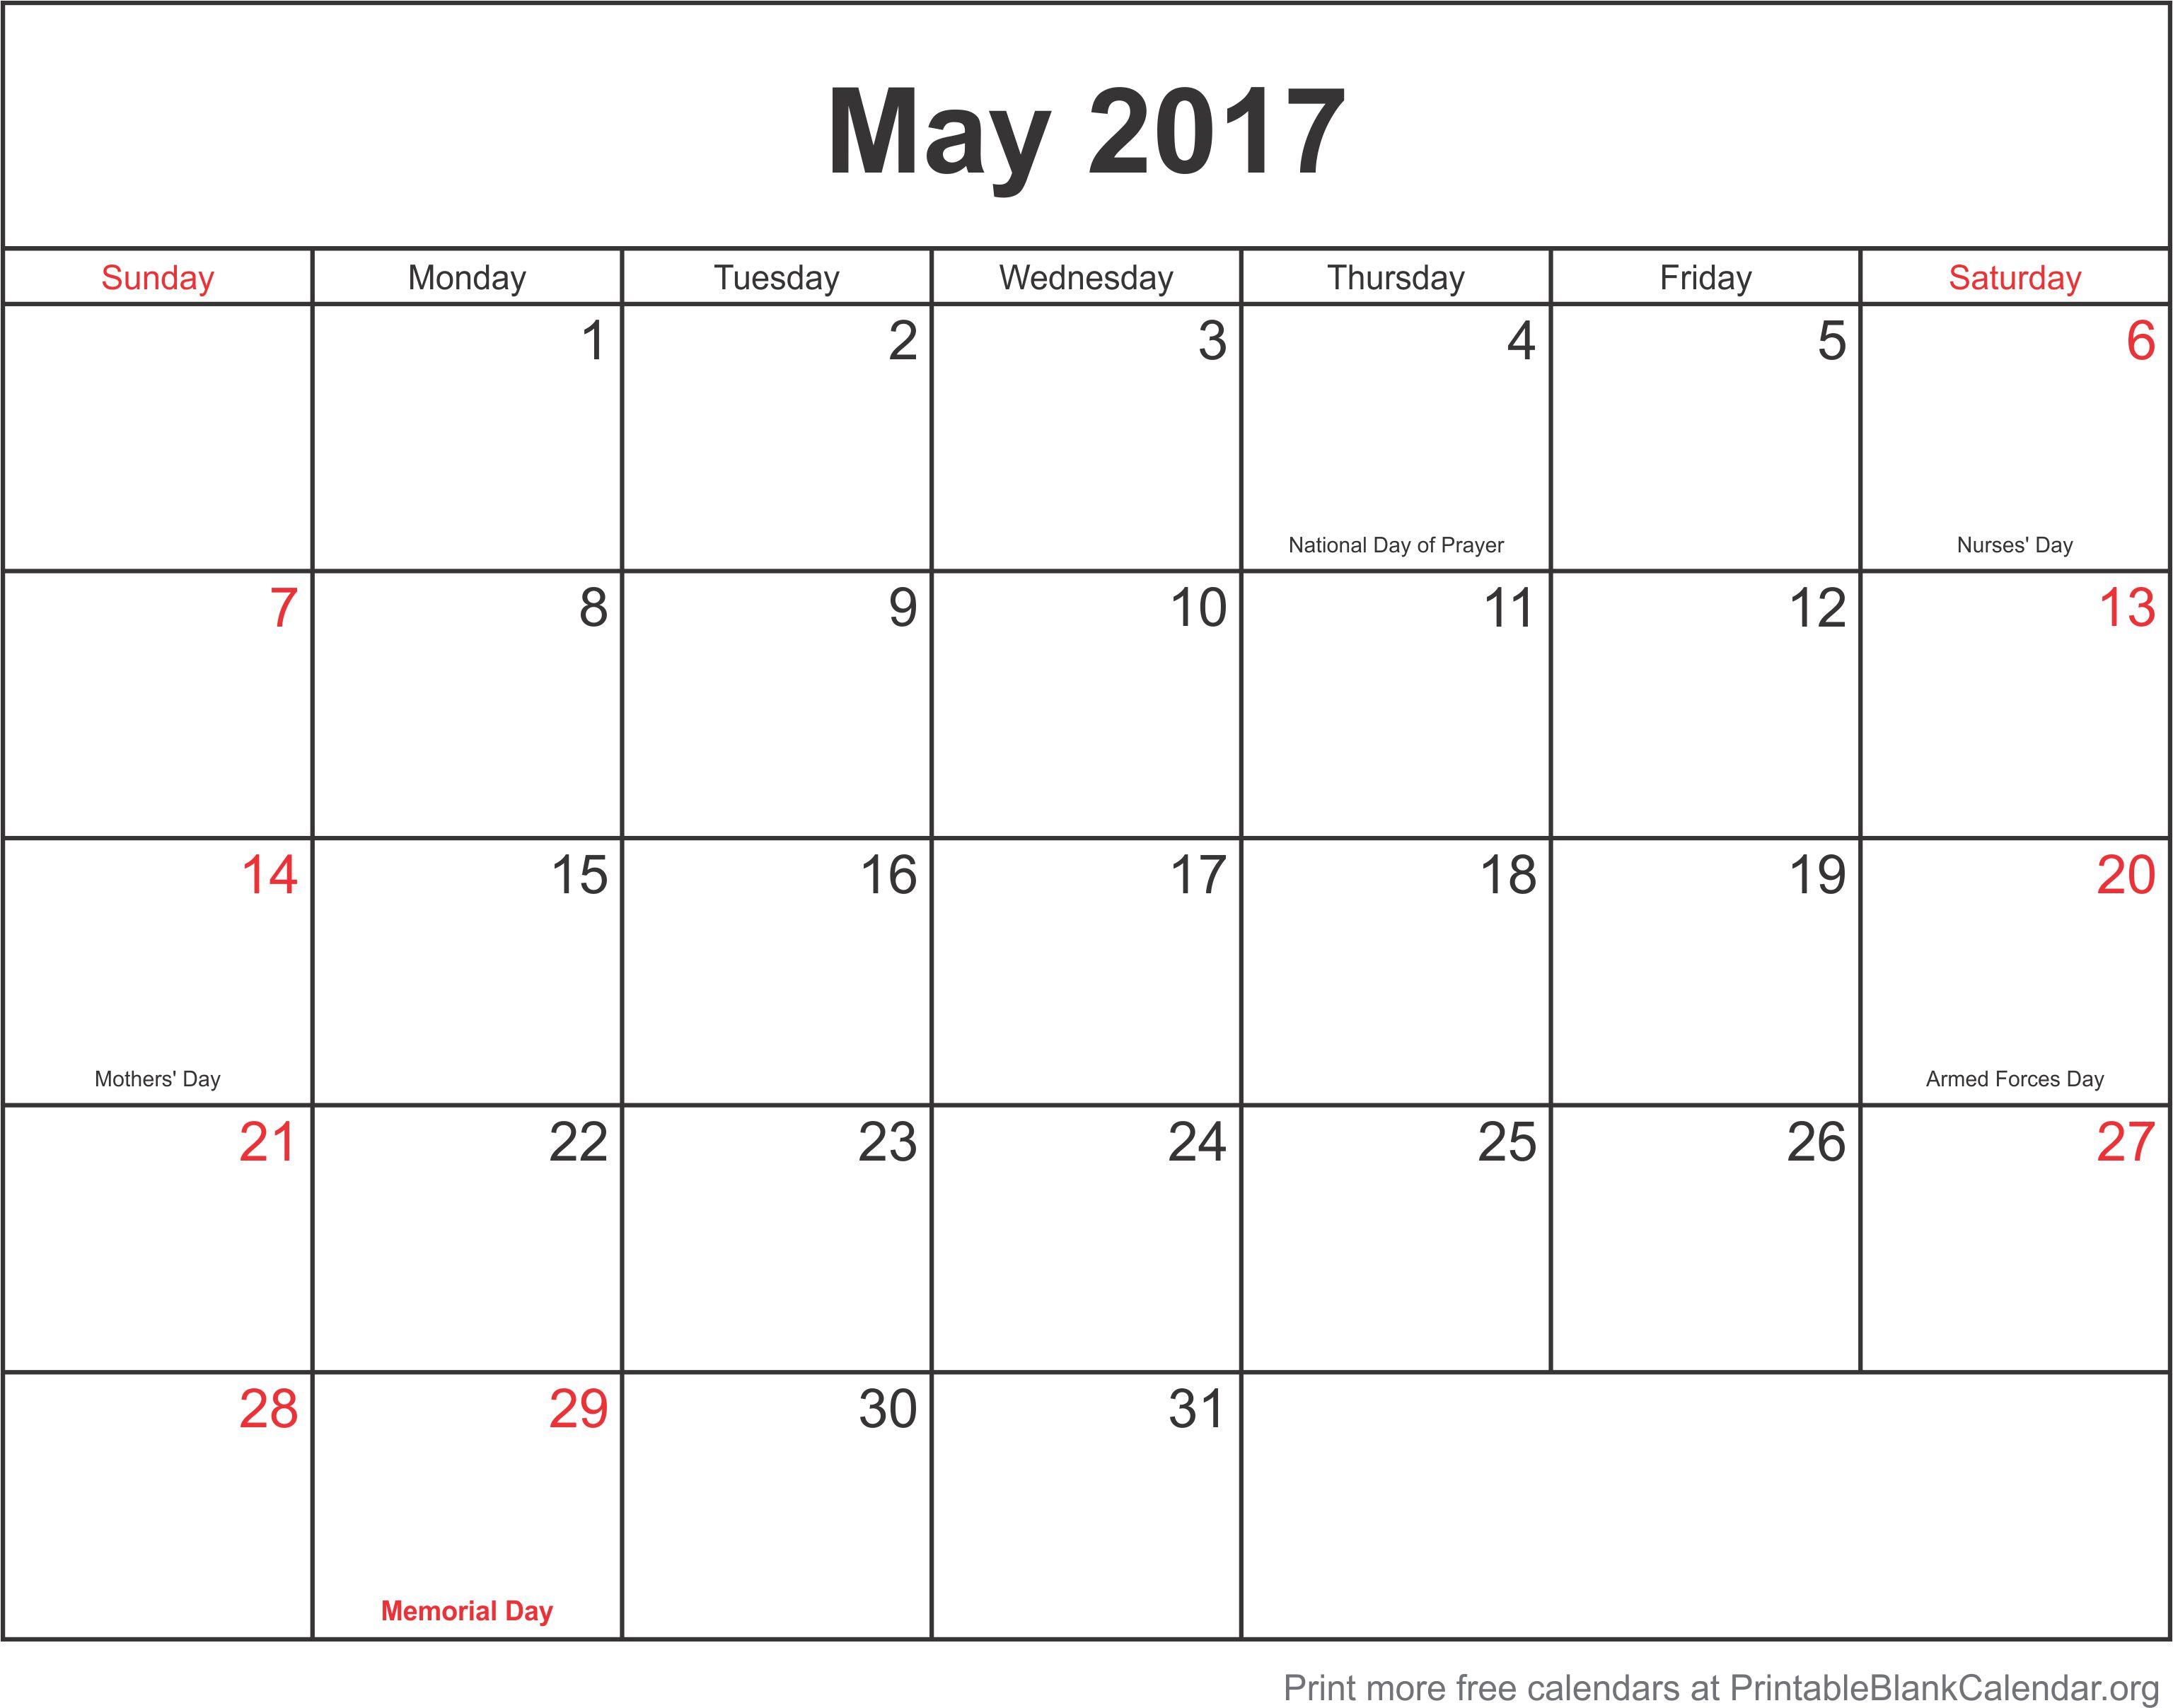 May 2017 printable calendar template Printable Blank Calendarorg – Blank Calendar Template